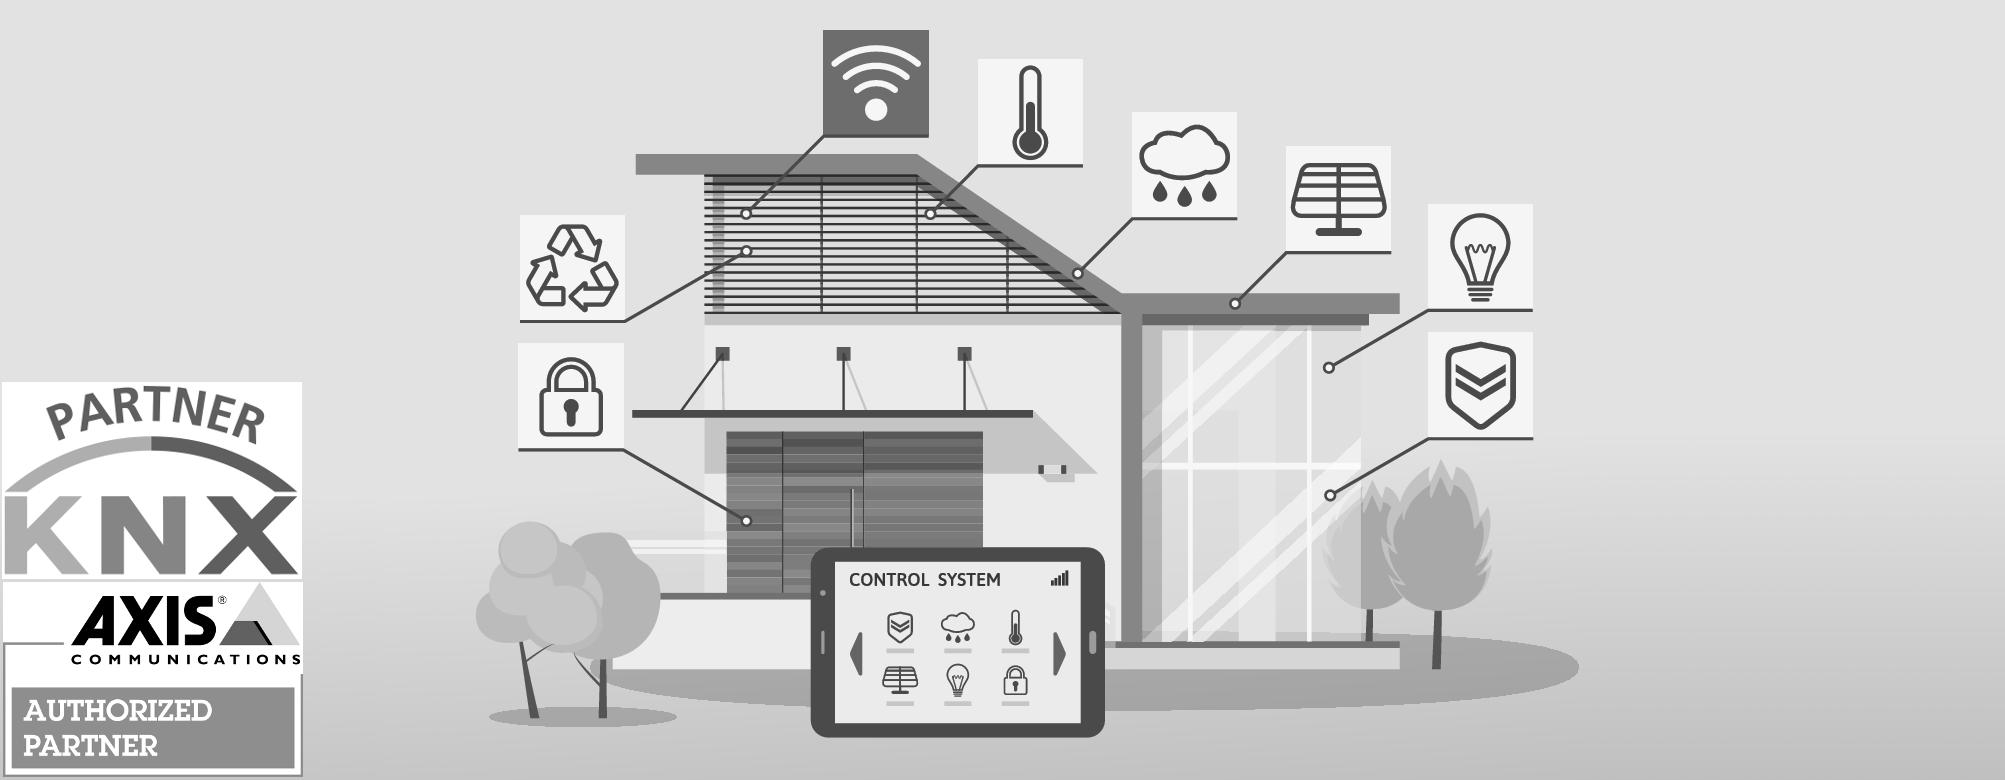 Numatech - Inteligentny dom, Fibaro, KNX, Lutron, BACnet